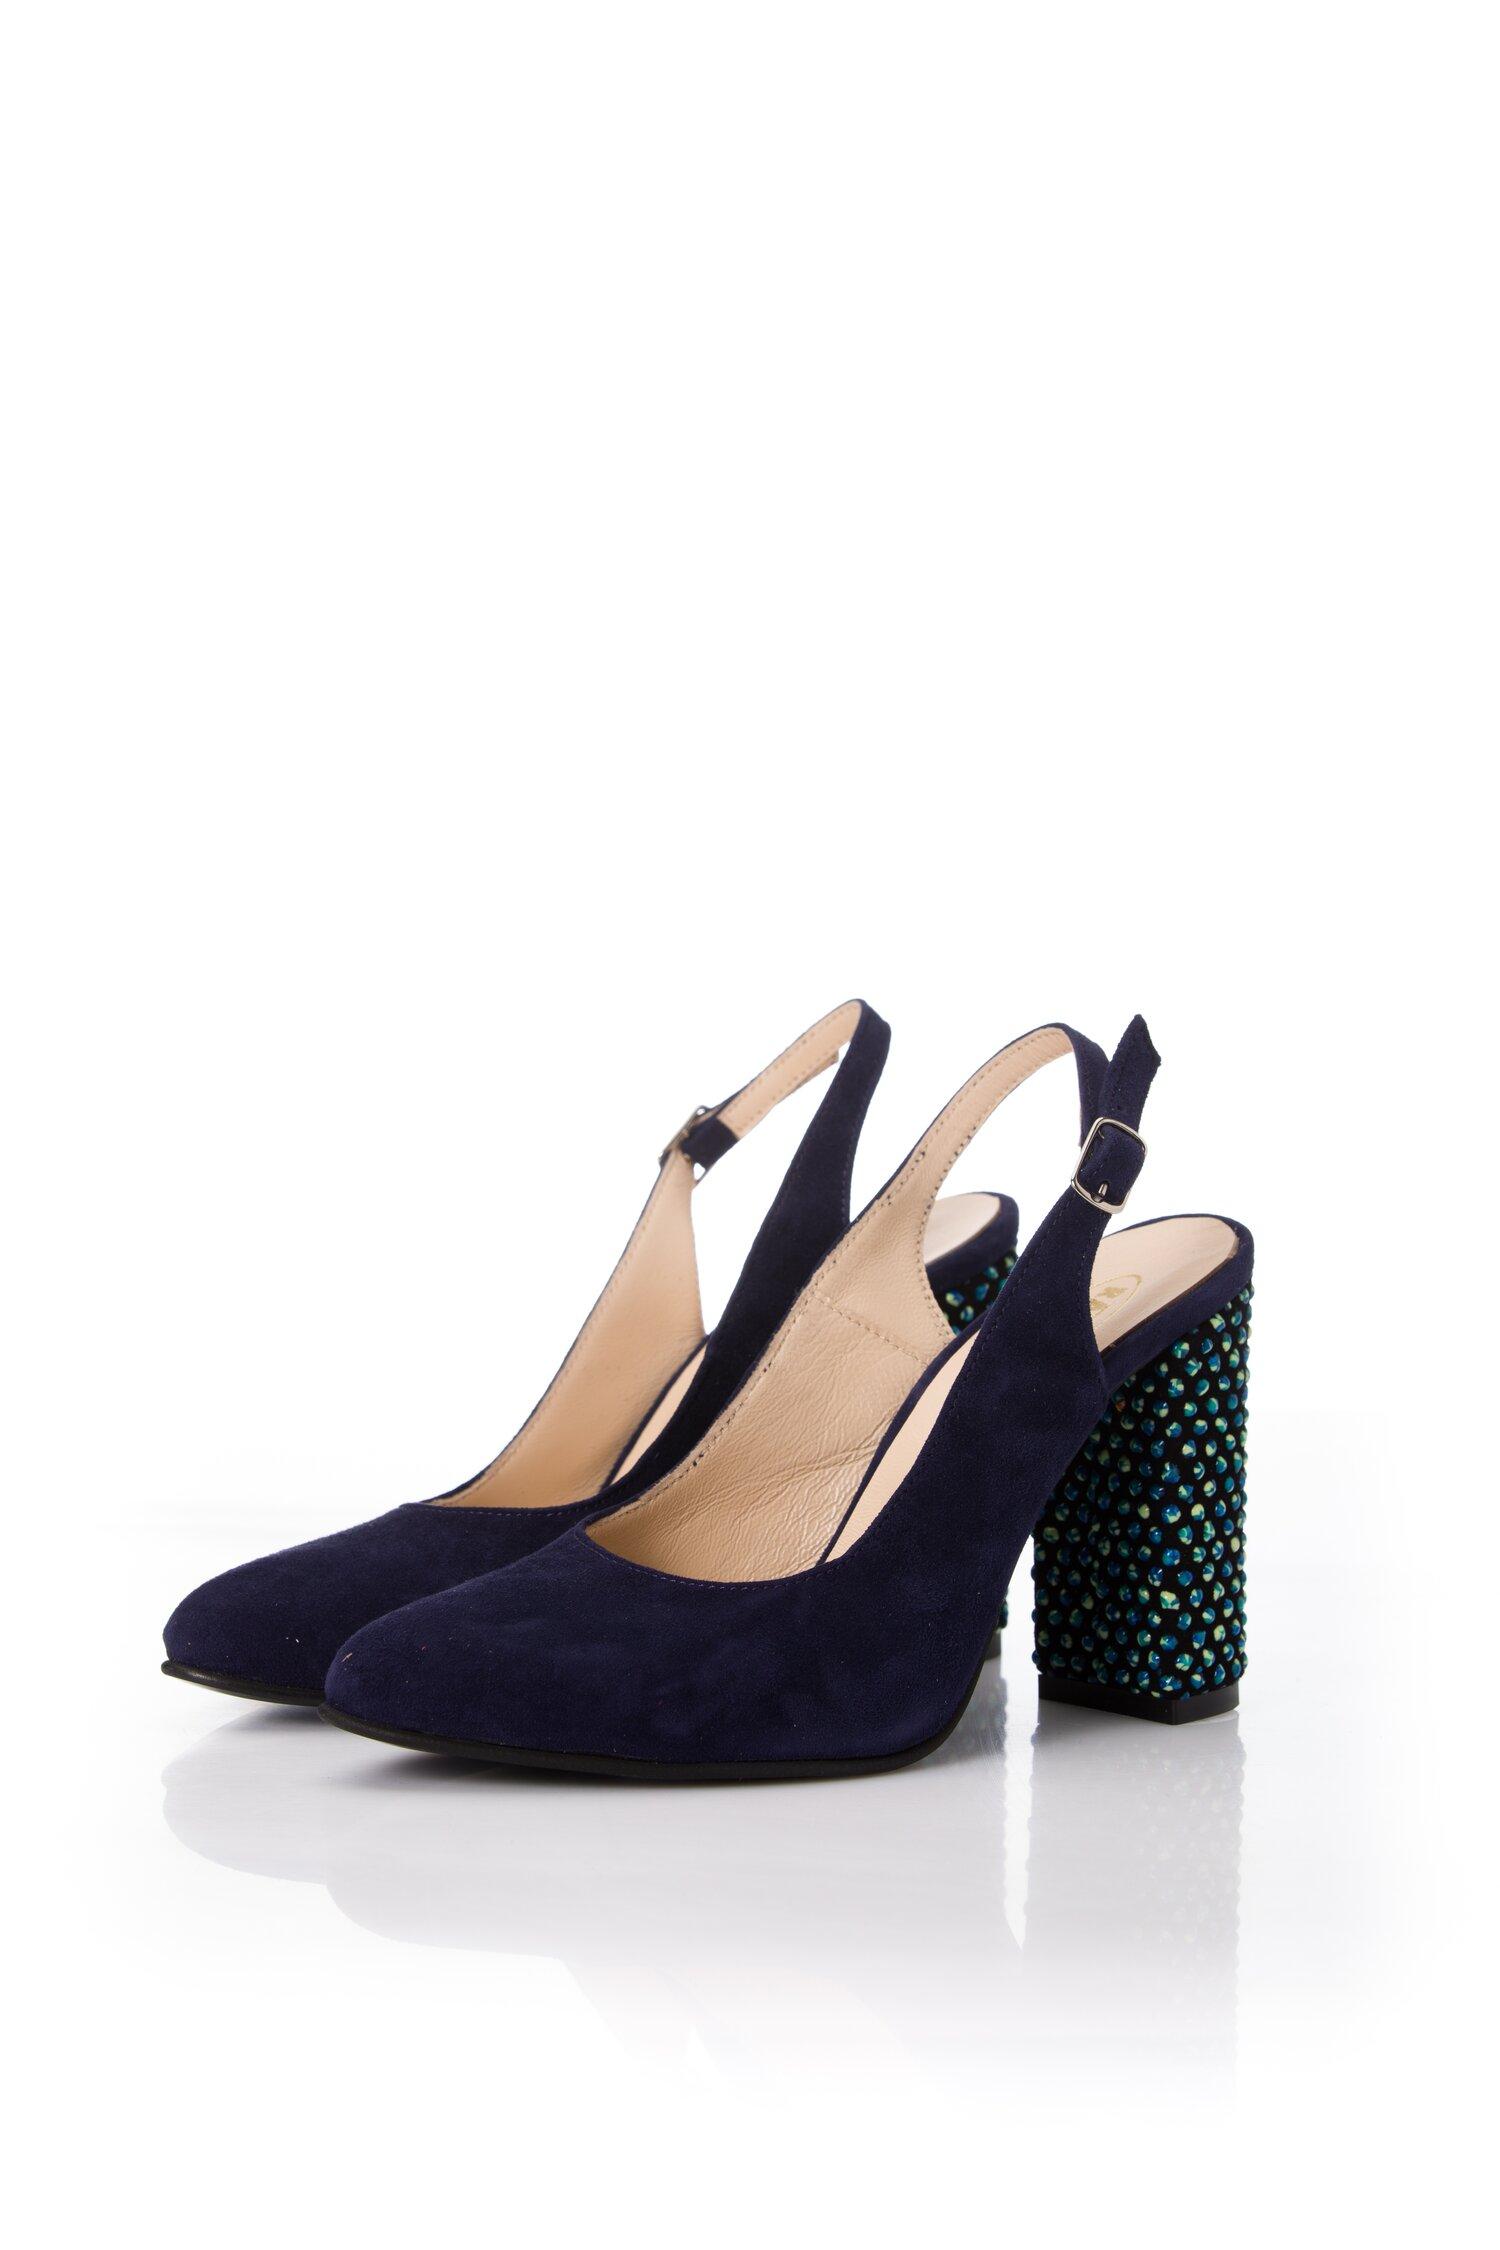 Pantofi bleumarin din piele intoarsa cu sfere 3D pe toc imagine